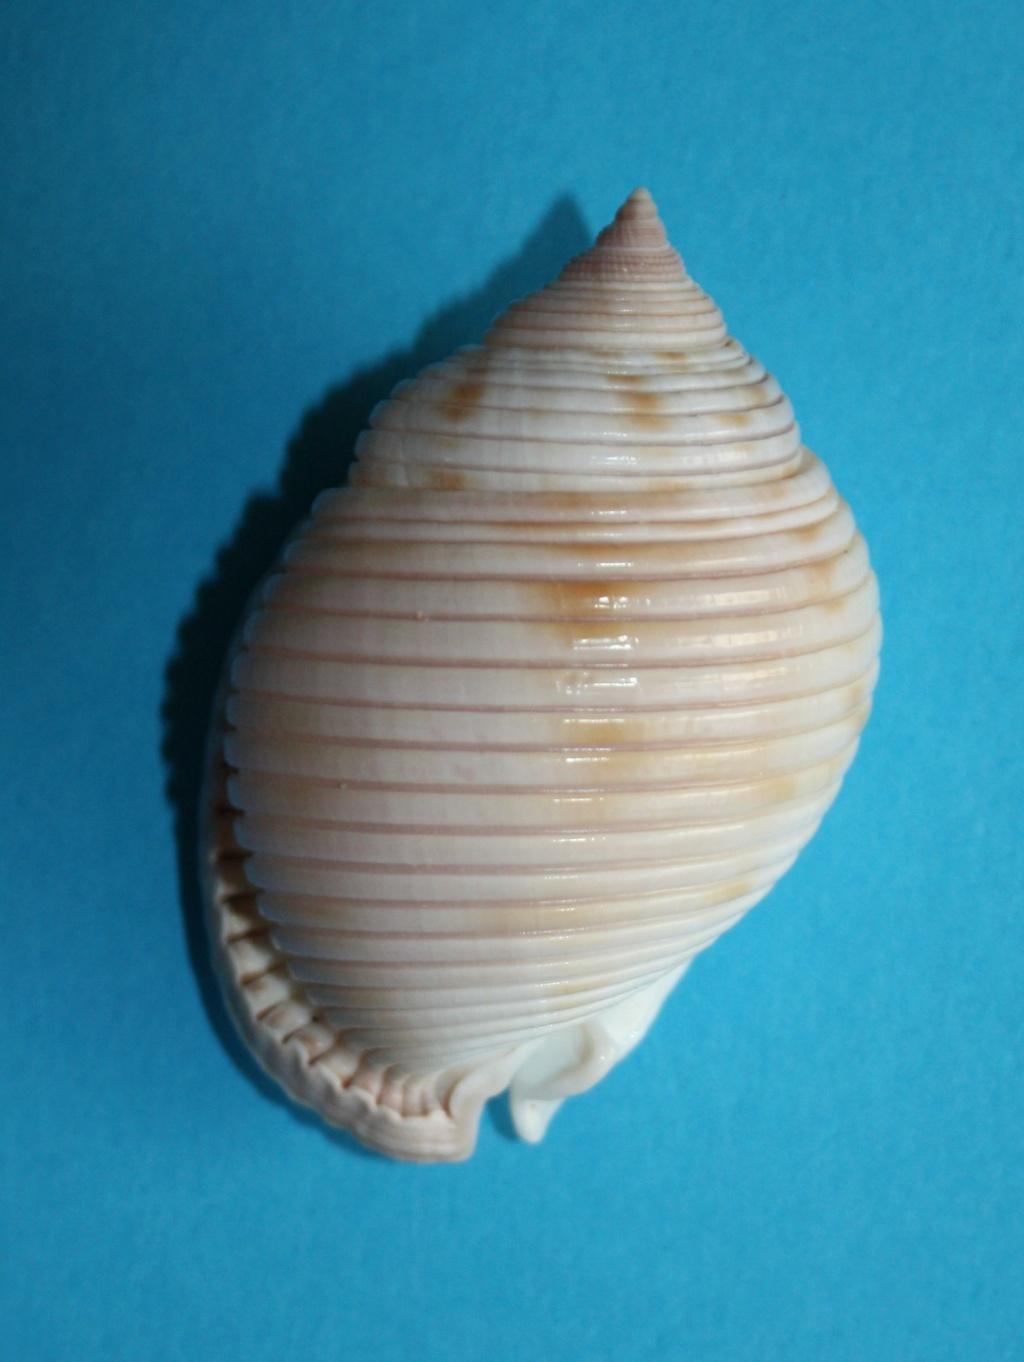 Semicassis umbilicata - (Pease, 1861) 256